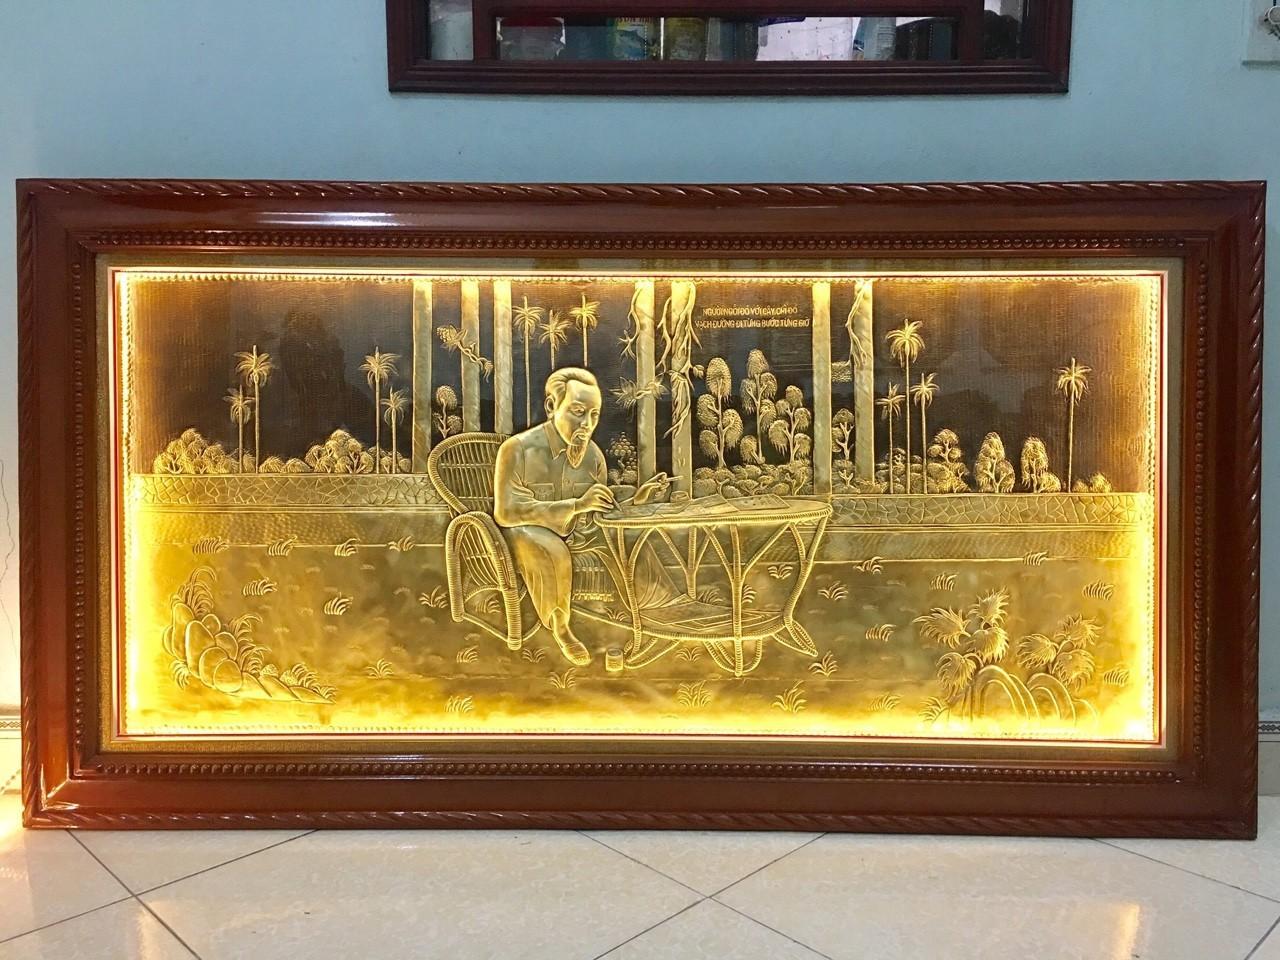 Tranh đồng Bác Hồ ngồi đọc báo, tranh đồng lưu niệm bằng đồng